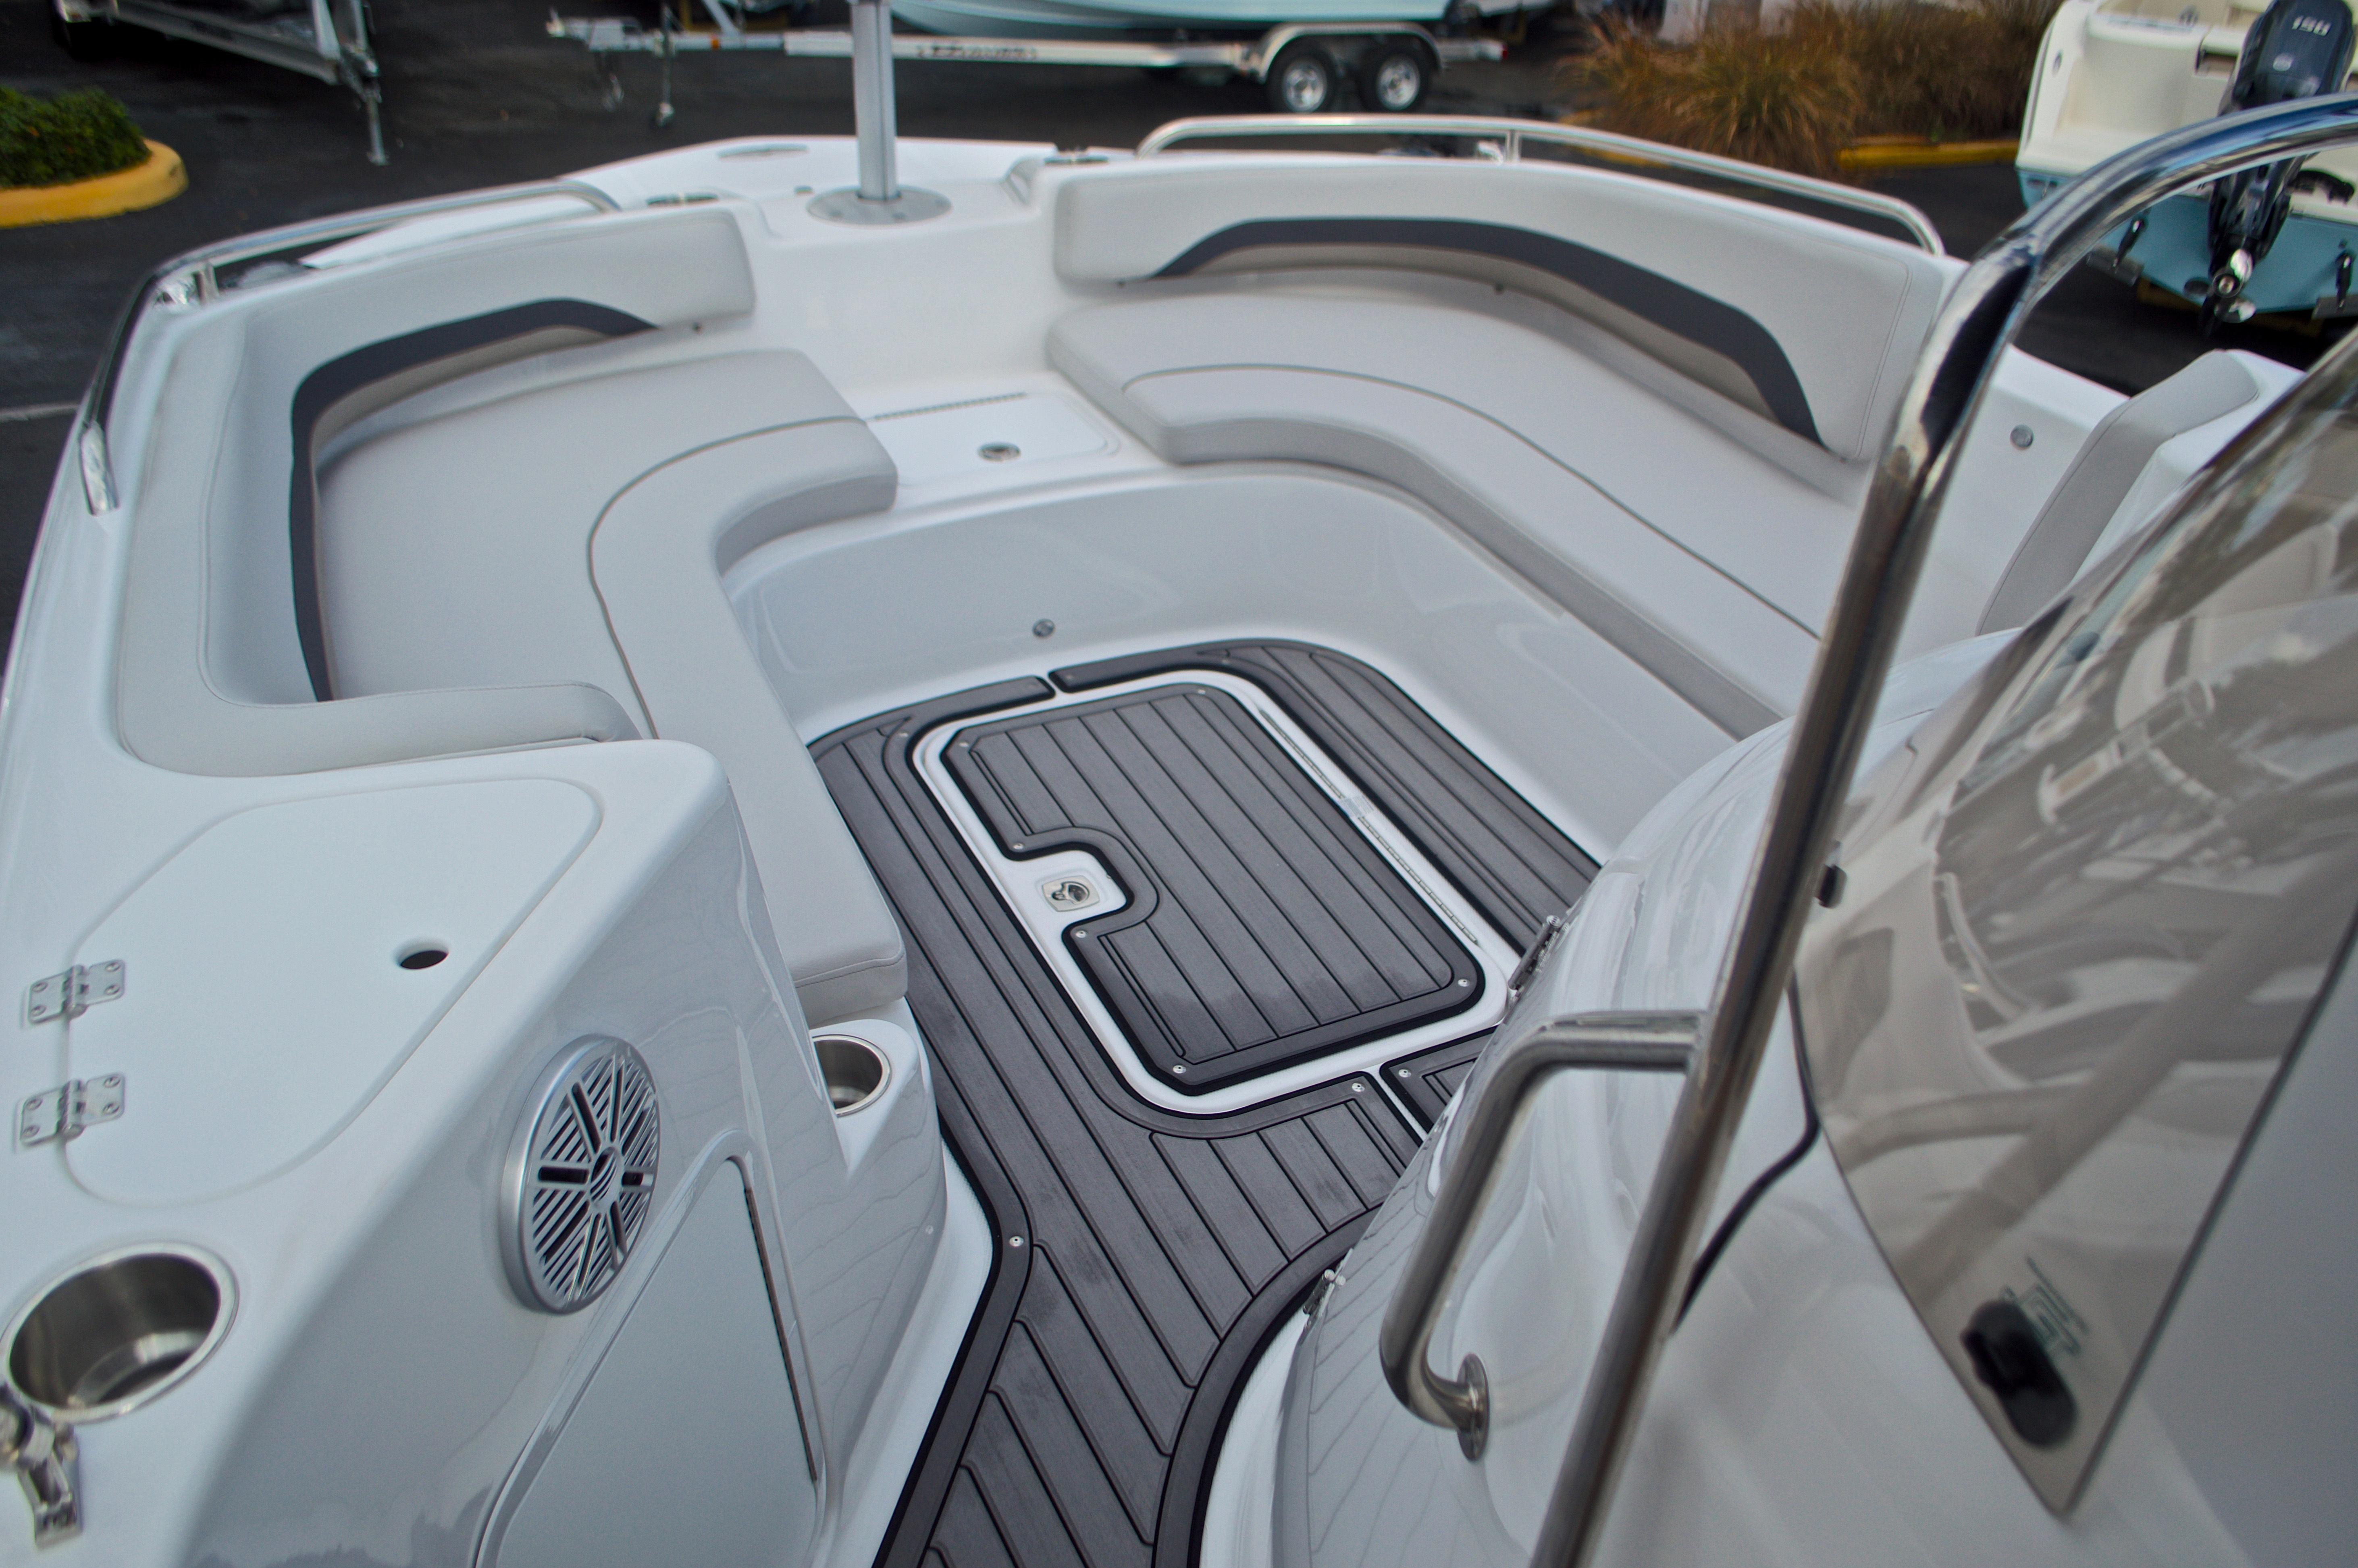 Thumbnail 44 for New 2017 Hurricane SunDeck Sport SS 211 OB boat for sale in Vero Beach, FL